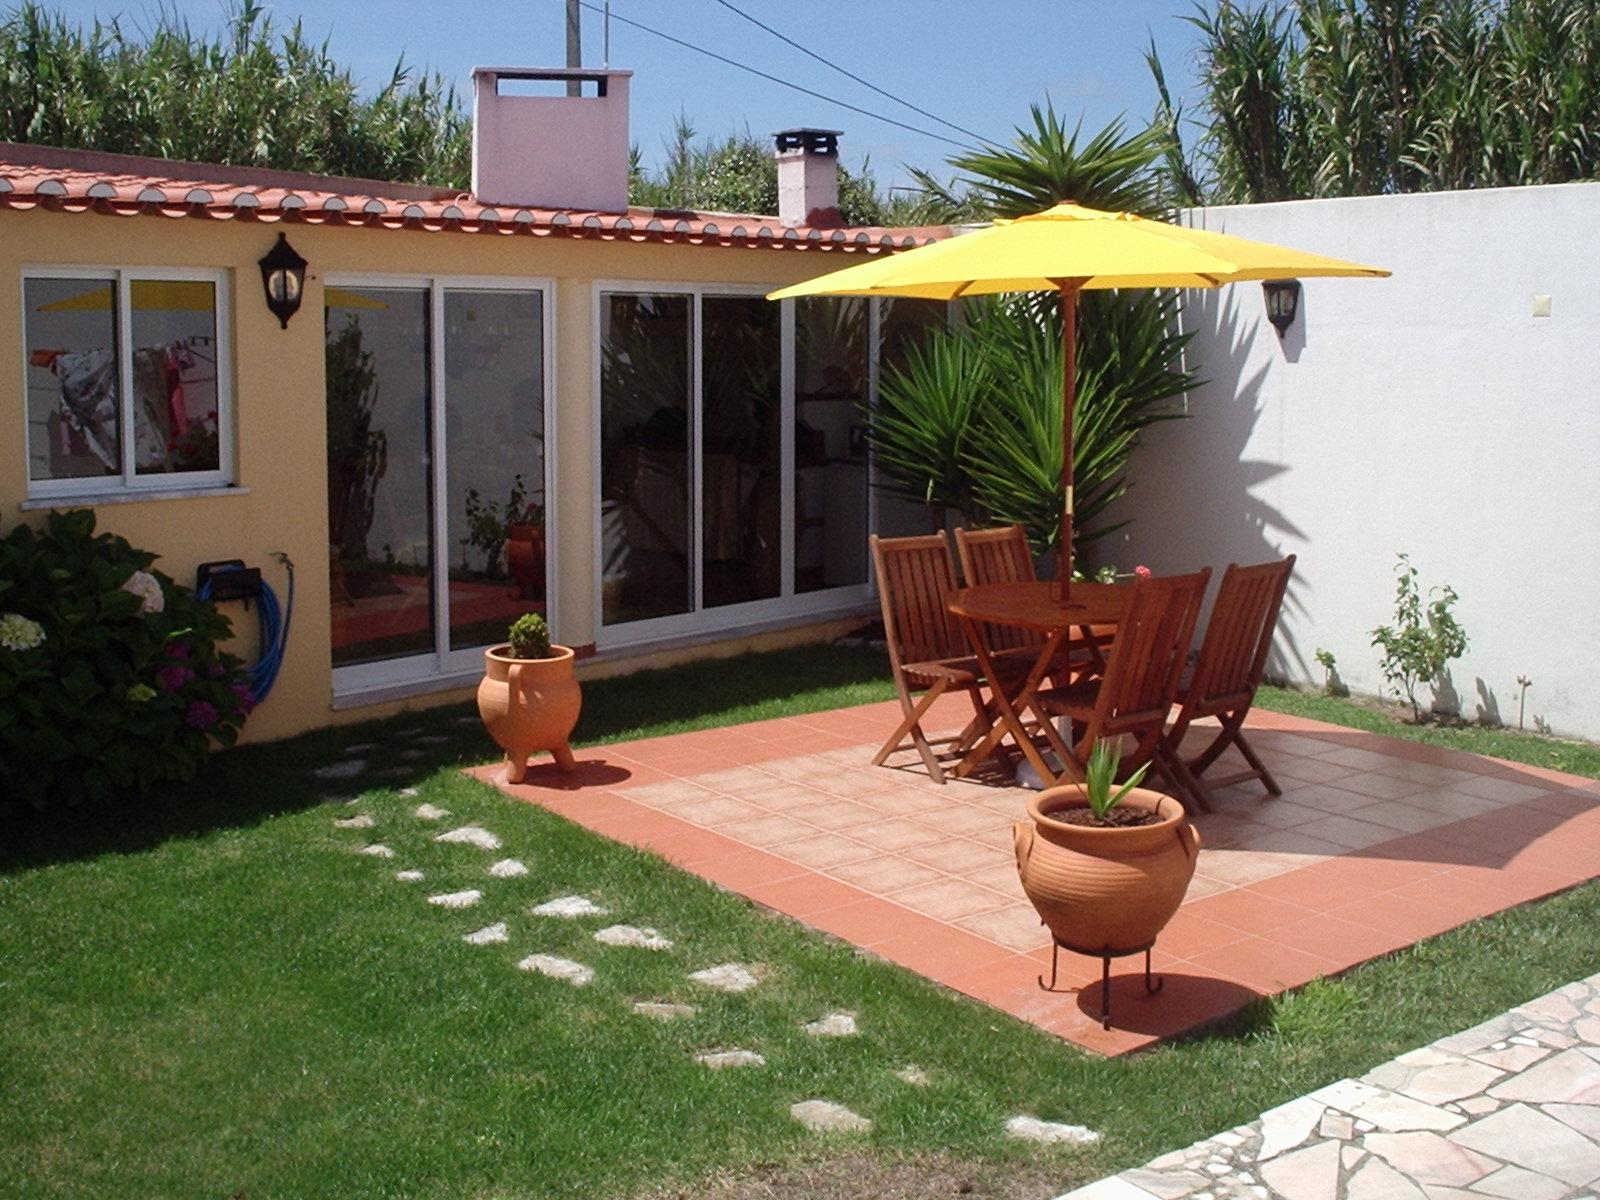 Fotos de decoração para quintal simples e pequeno